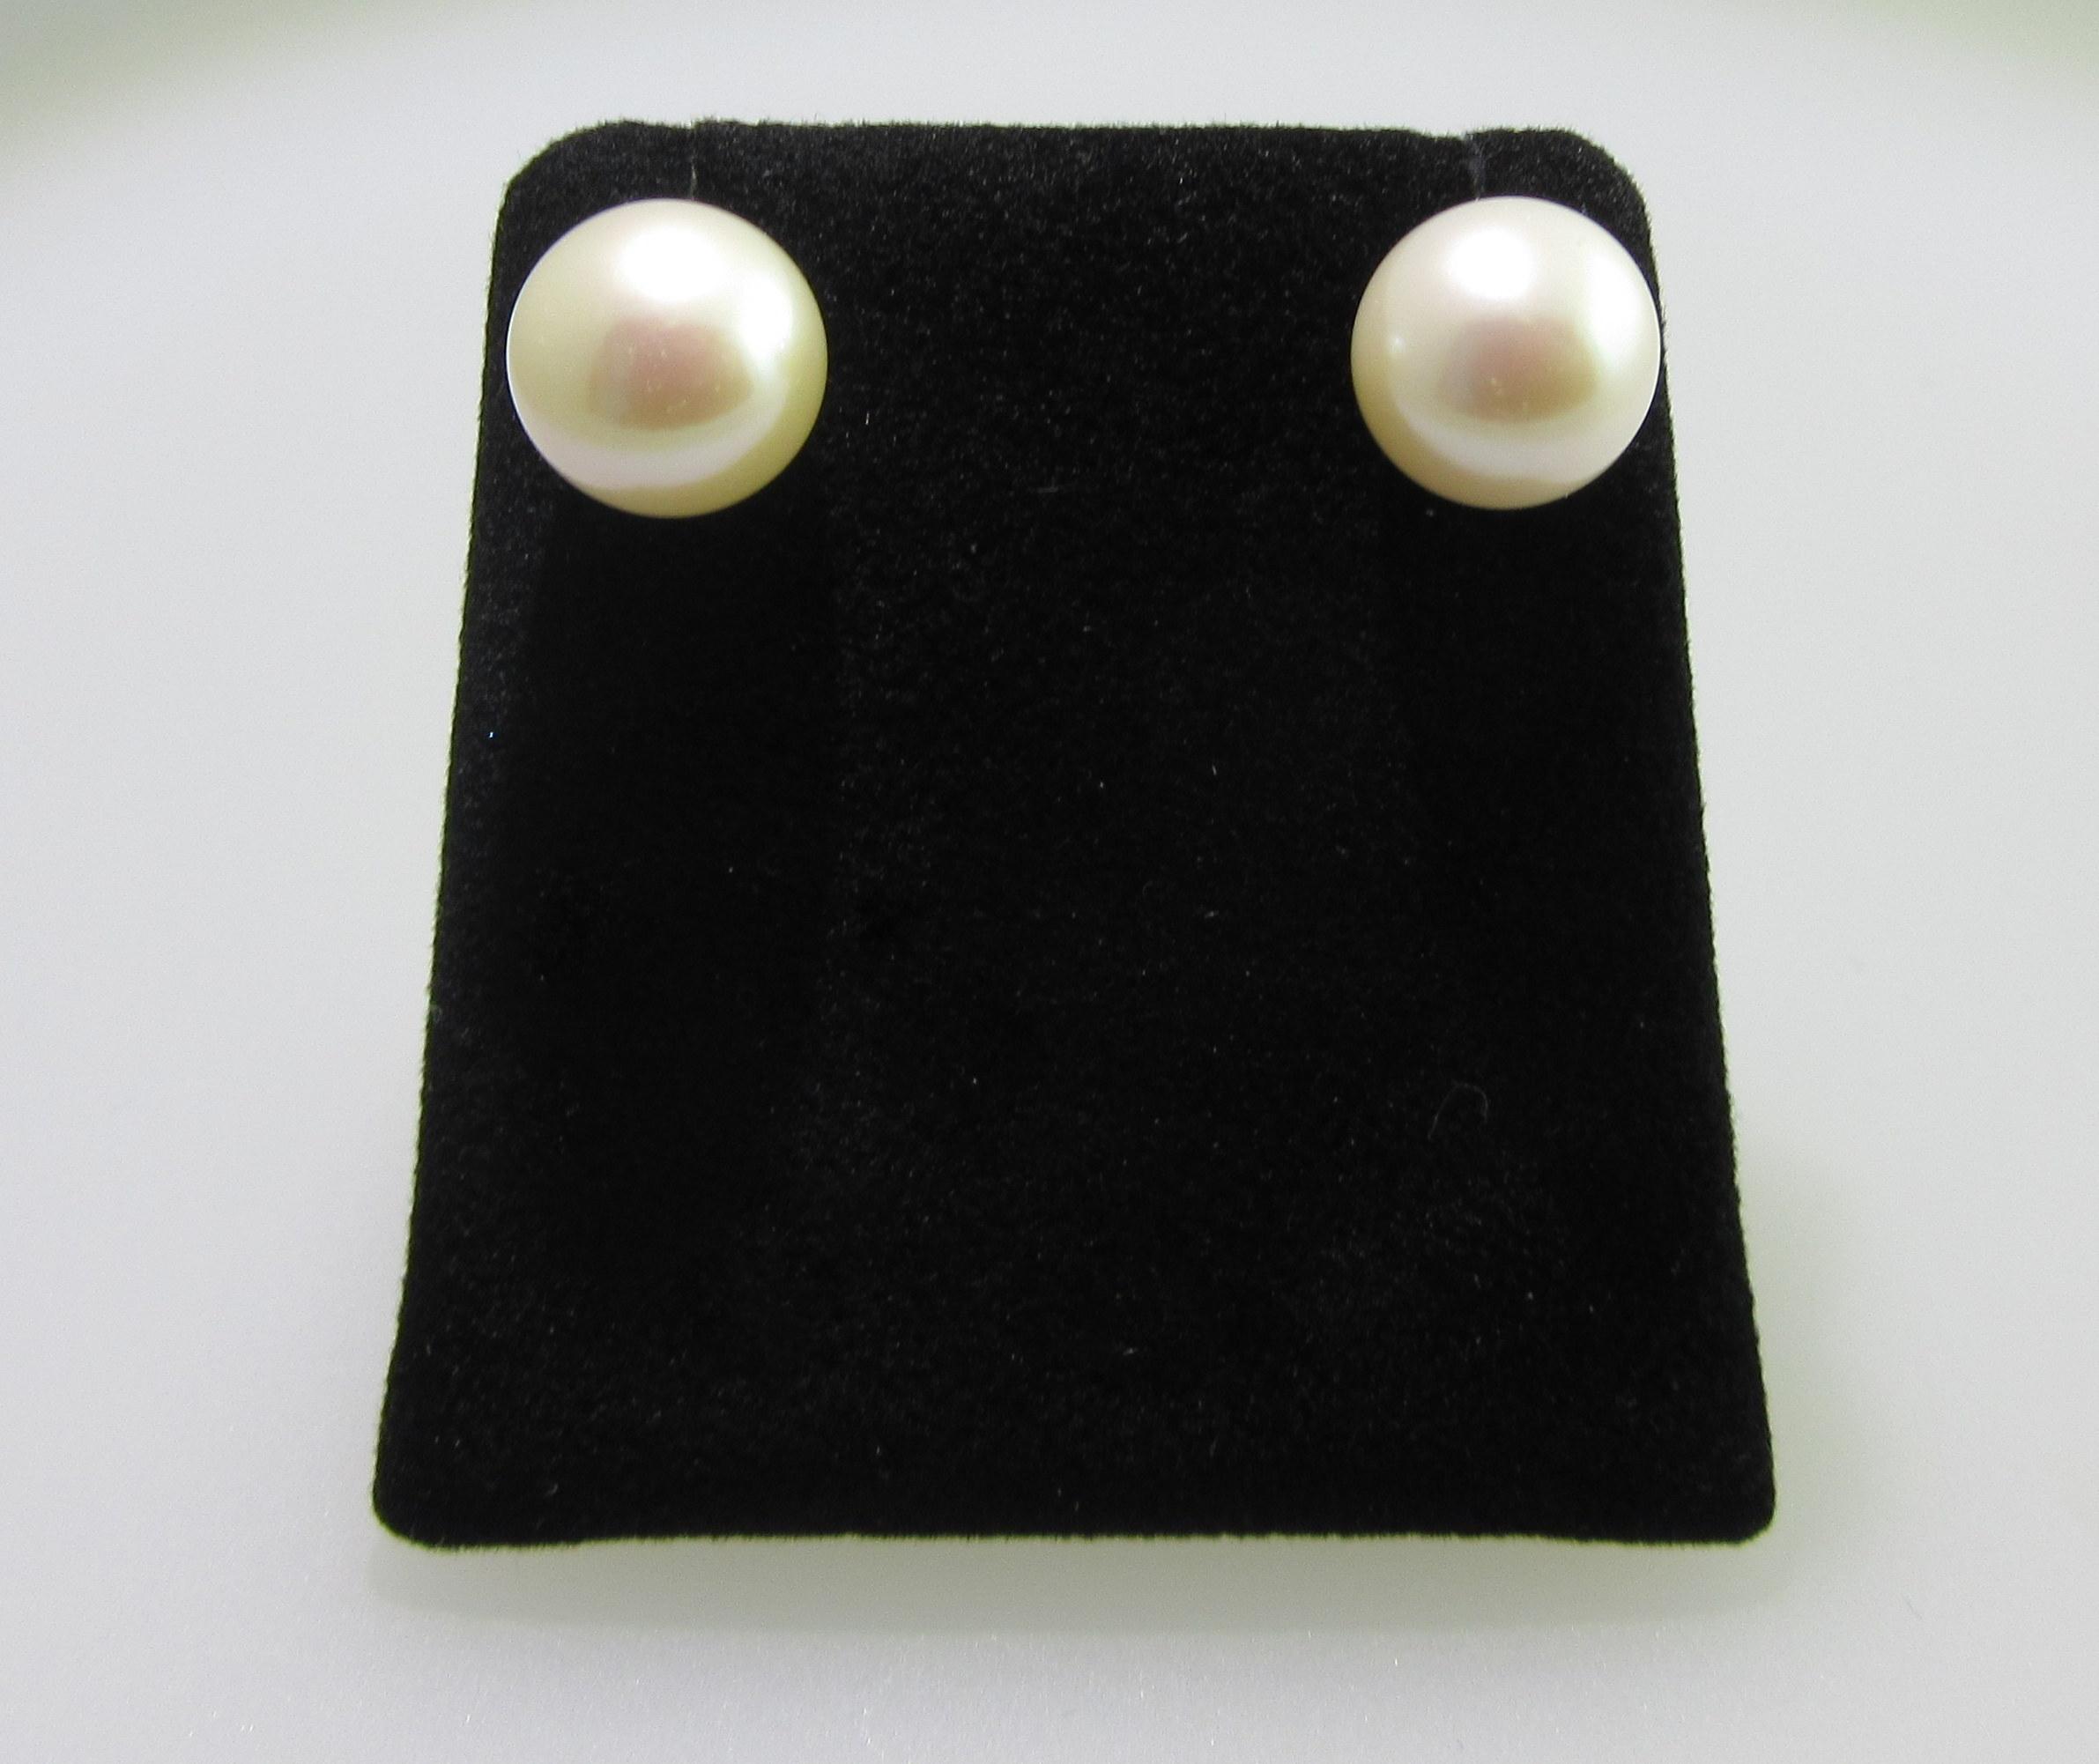 Japanese Akoya Pearl Stud Earrings